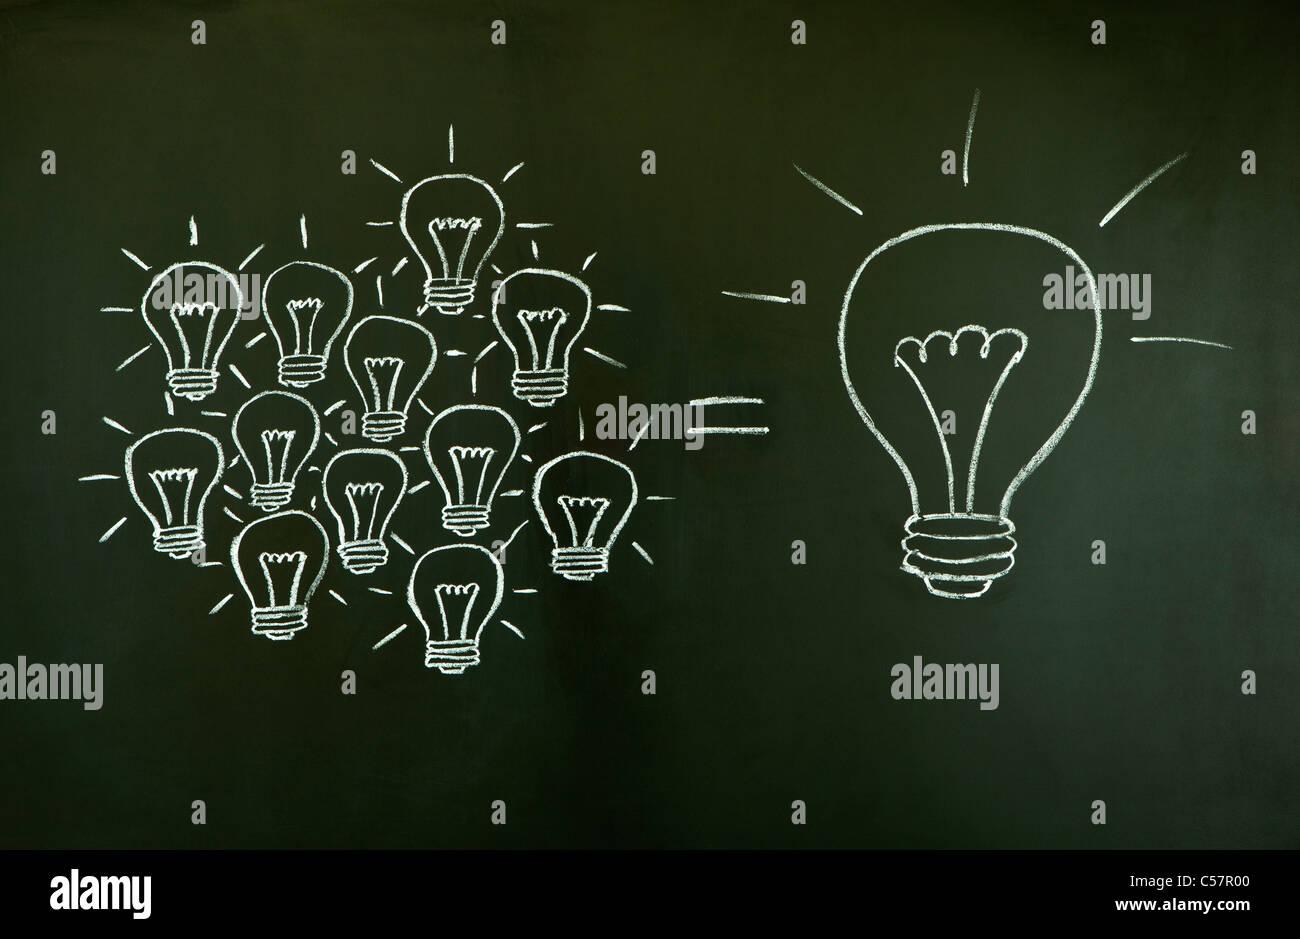 De nombreuses petites idées égale un grand, illustré avec des ampoules tirées de craie sur un Photo Stock